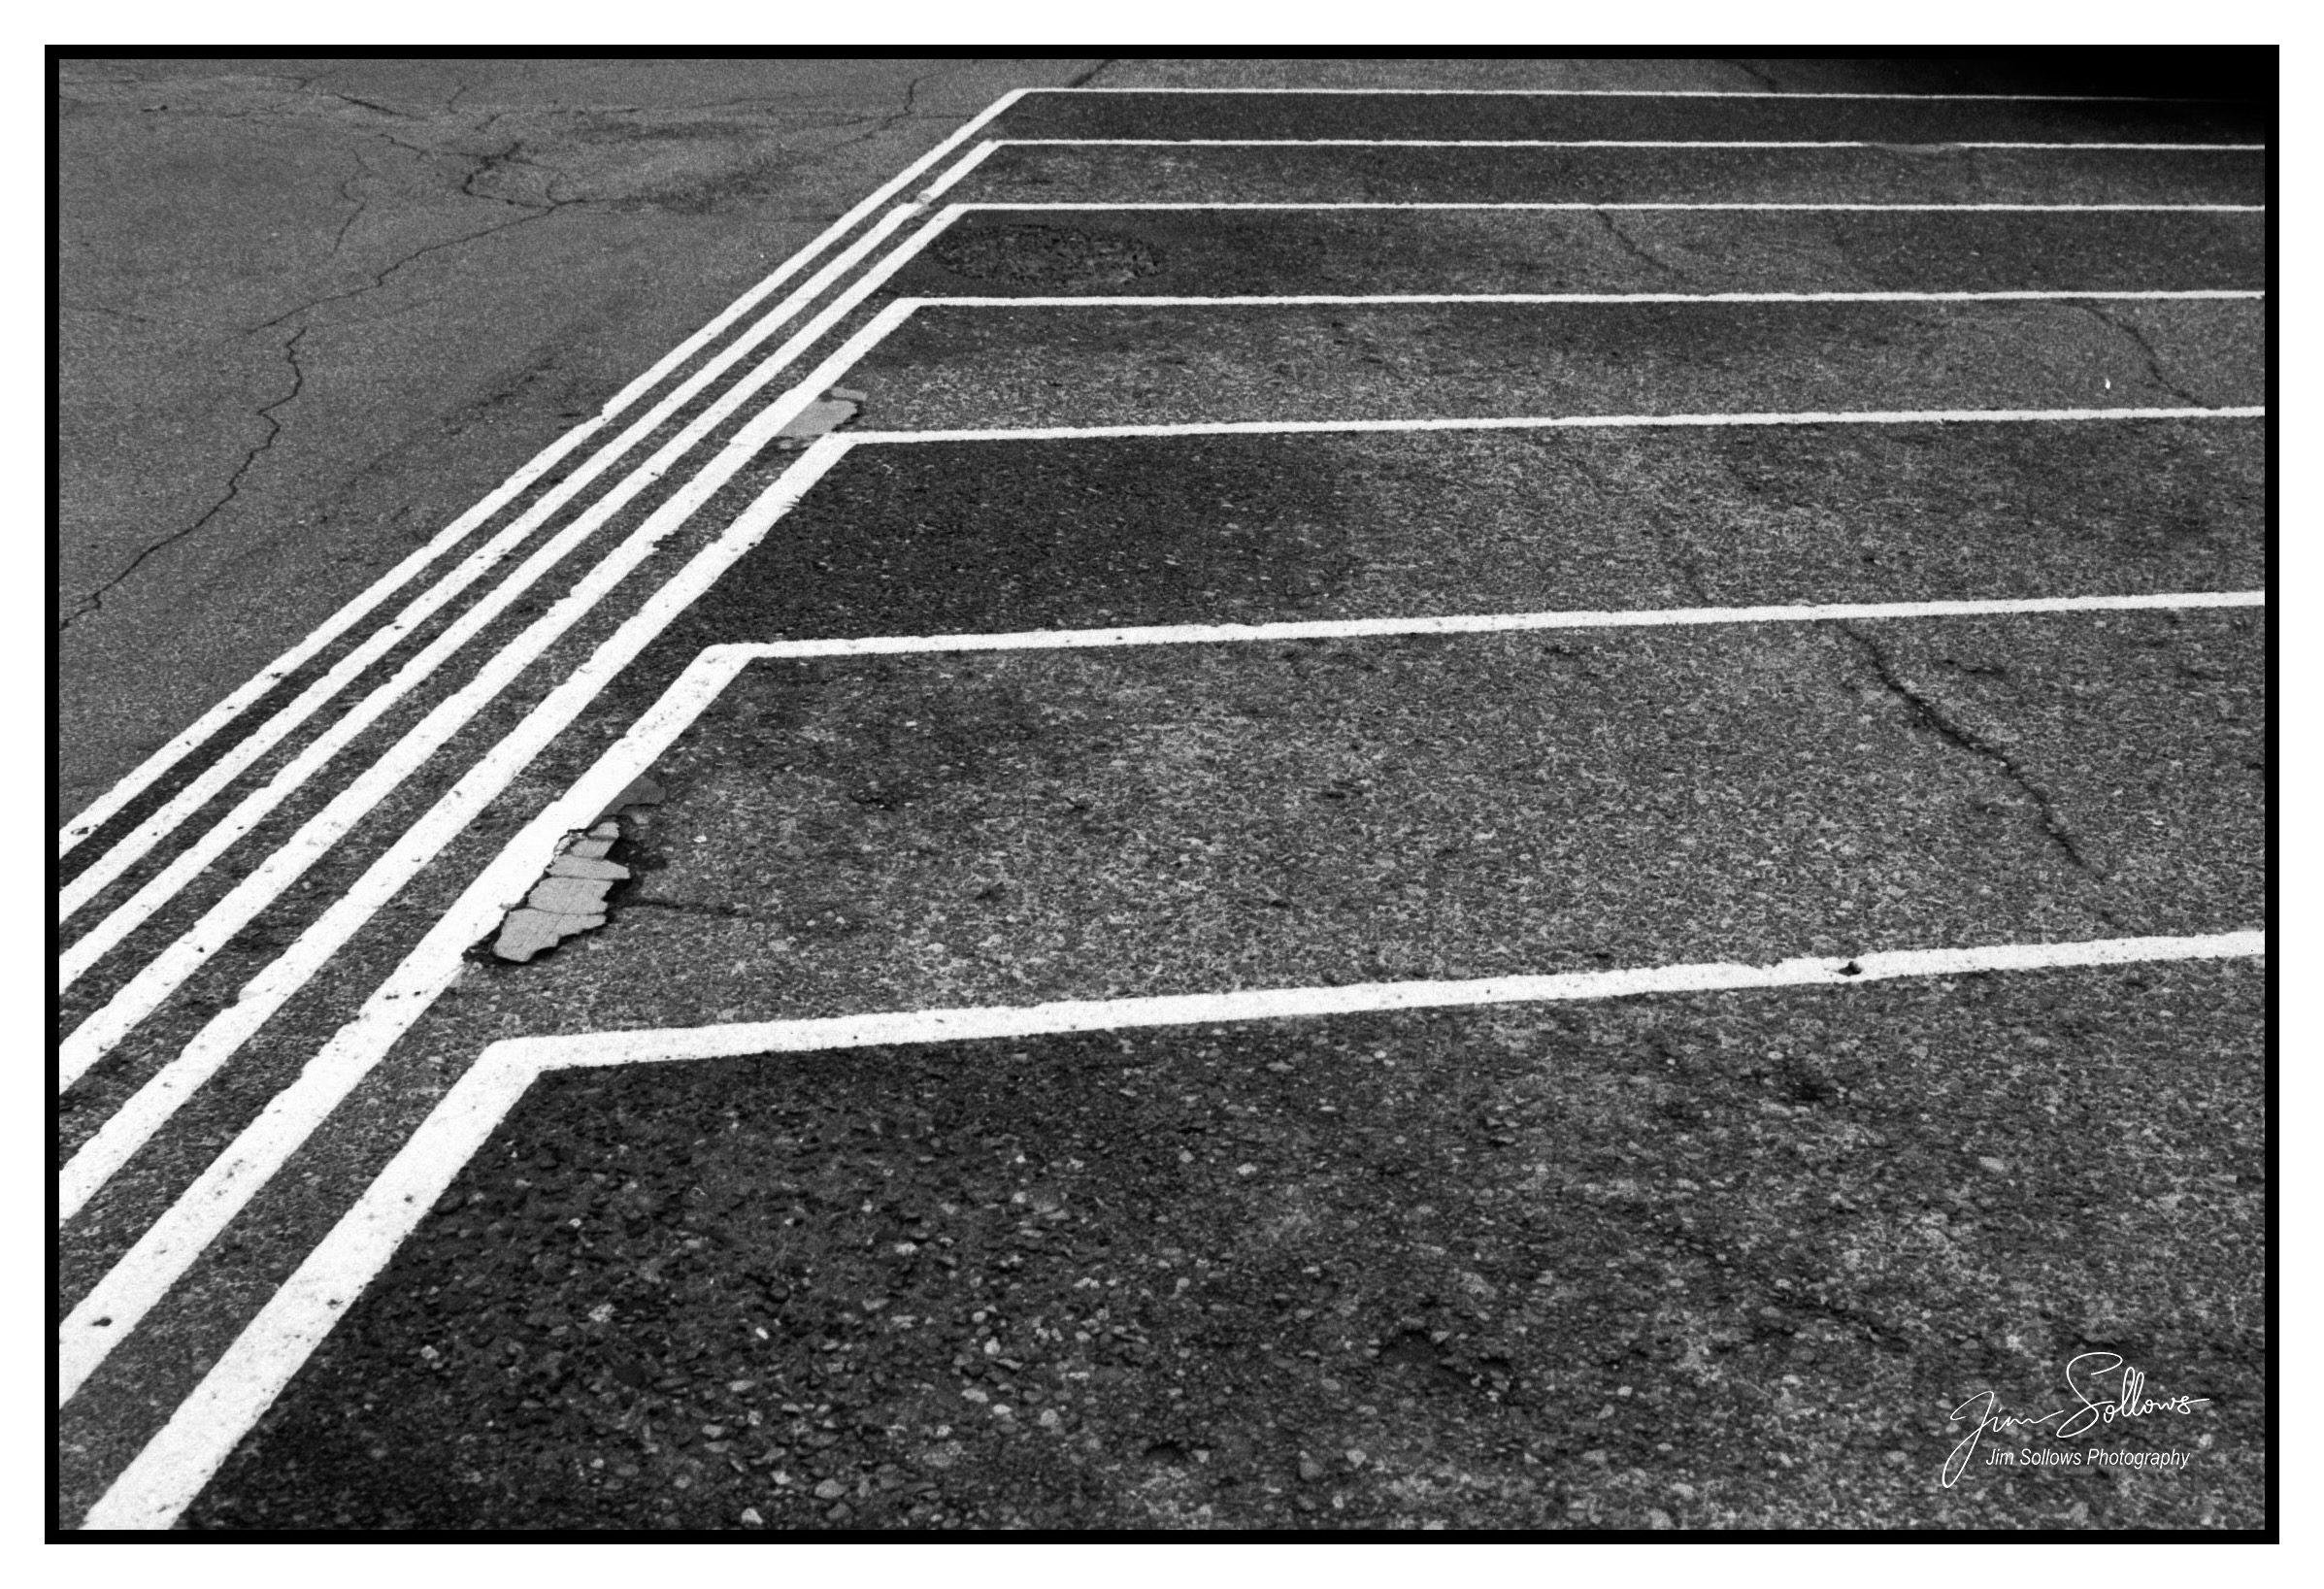 @JimSollows My submission for Concrete #concretefilm #fridayfavourites #ilfordphoto Nikon FM w Ilford HP5 film